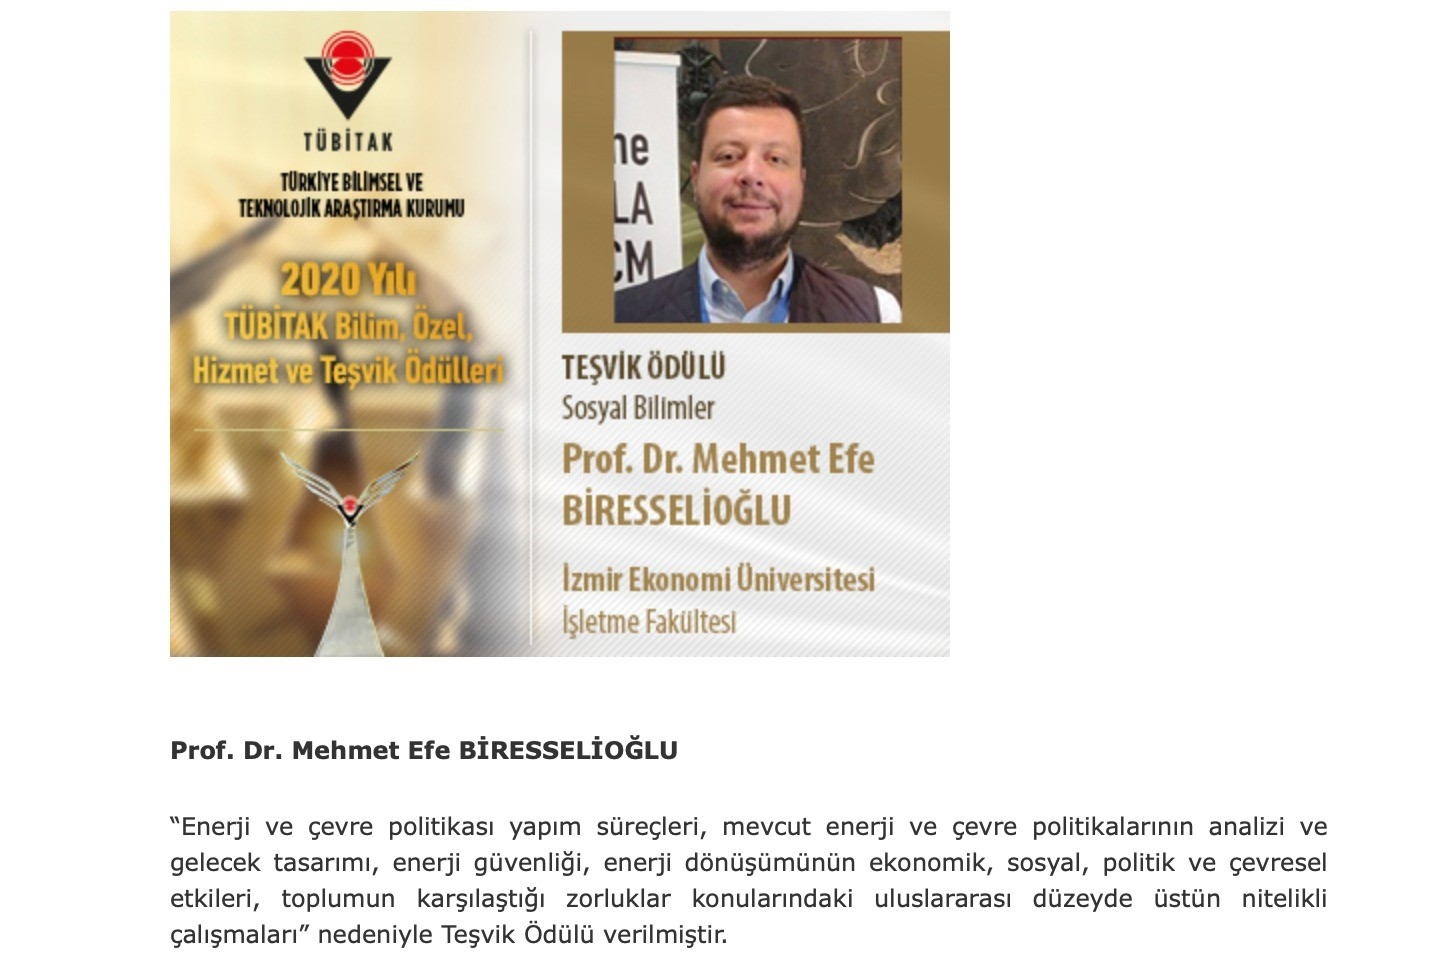 Efe Biresselioğlu TÜBİTAK Teşvik Ödülü'ne layık görüldü